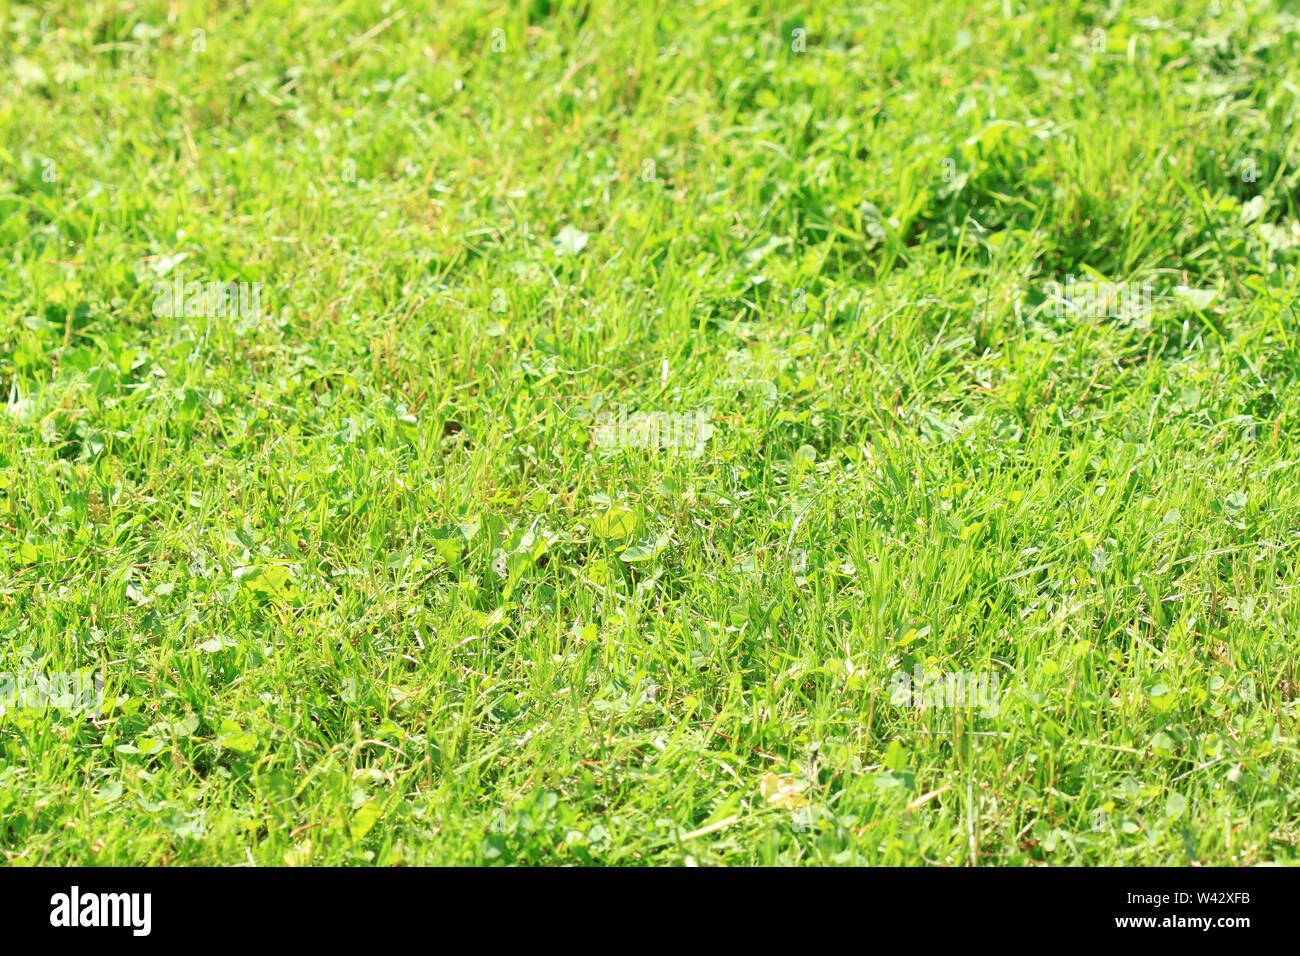 La pasto verde en el sol - textura Imagen De Stock